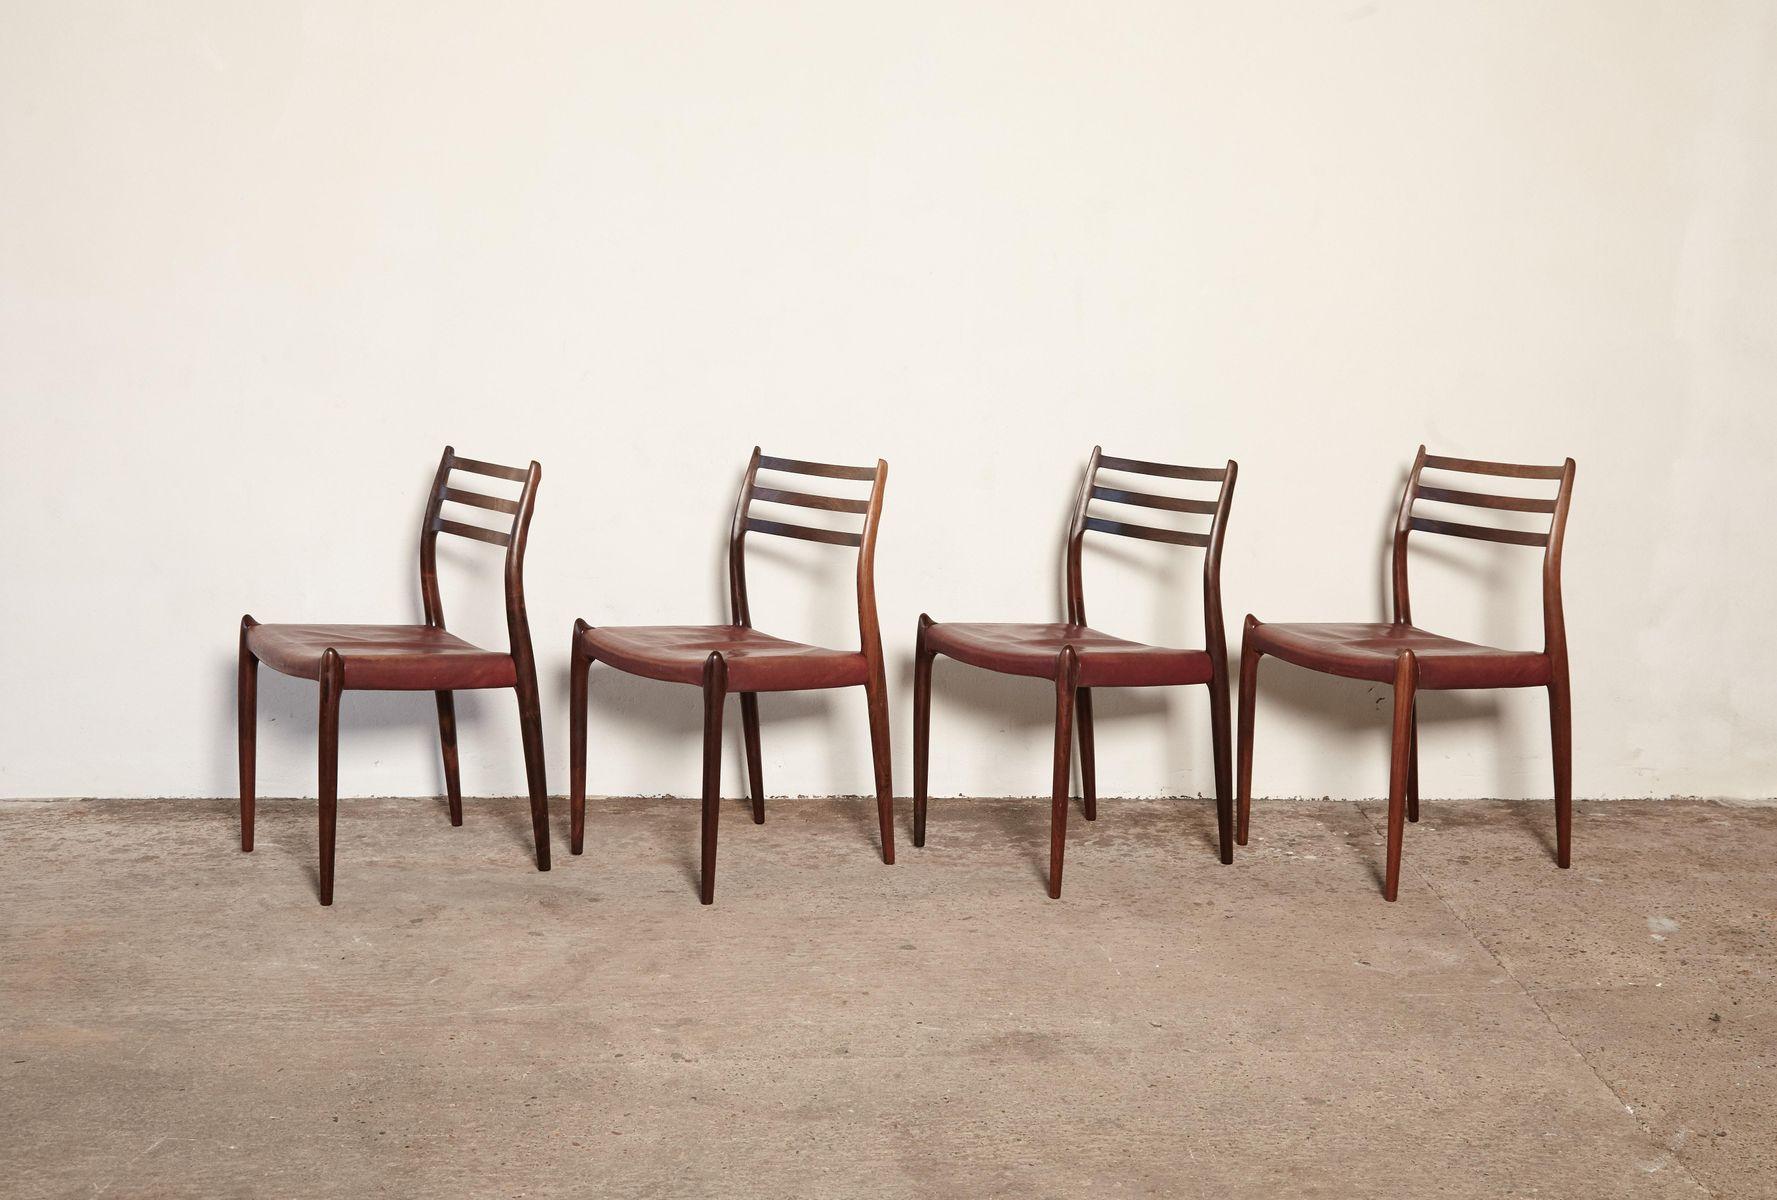 chaises de salle manger mod le 78 en palissandre par niels o m ller pour j l m llers. Black Bedroom Furniture Sets. Home Design Ideas